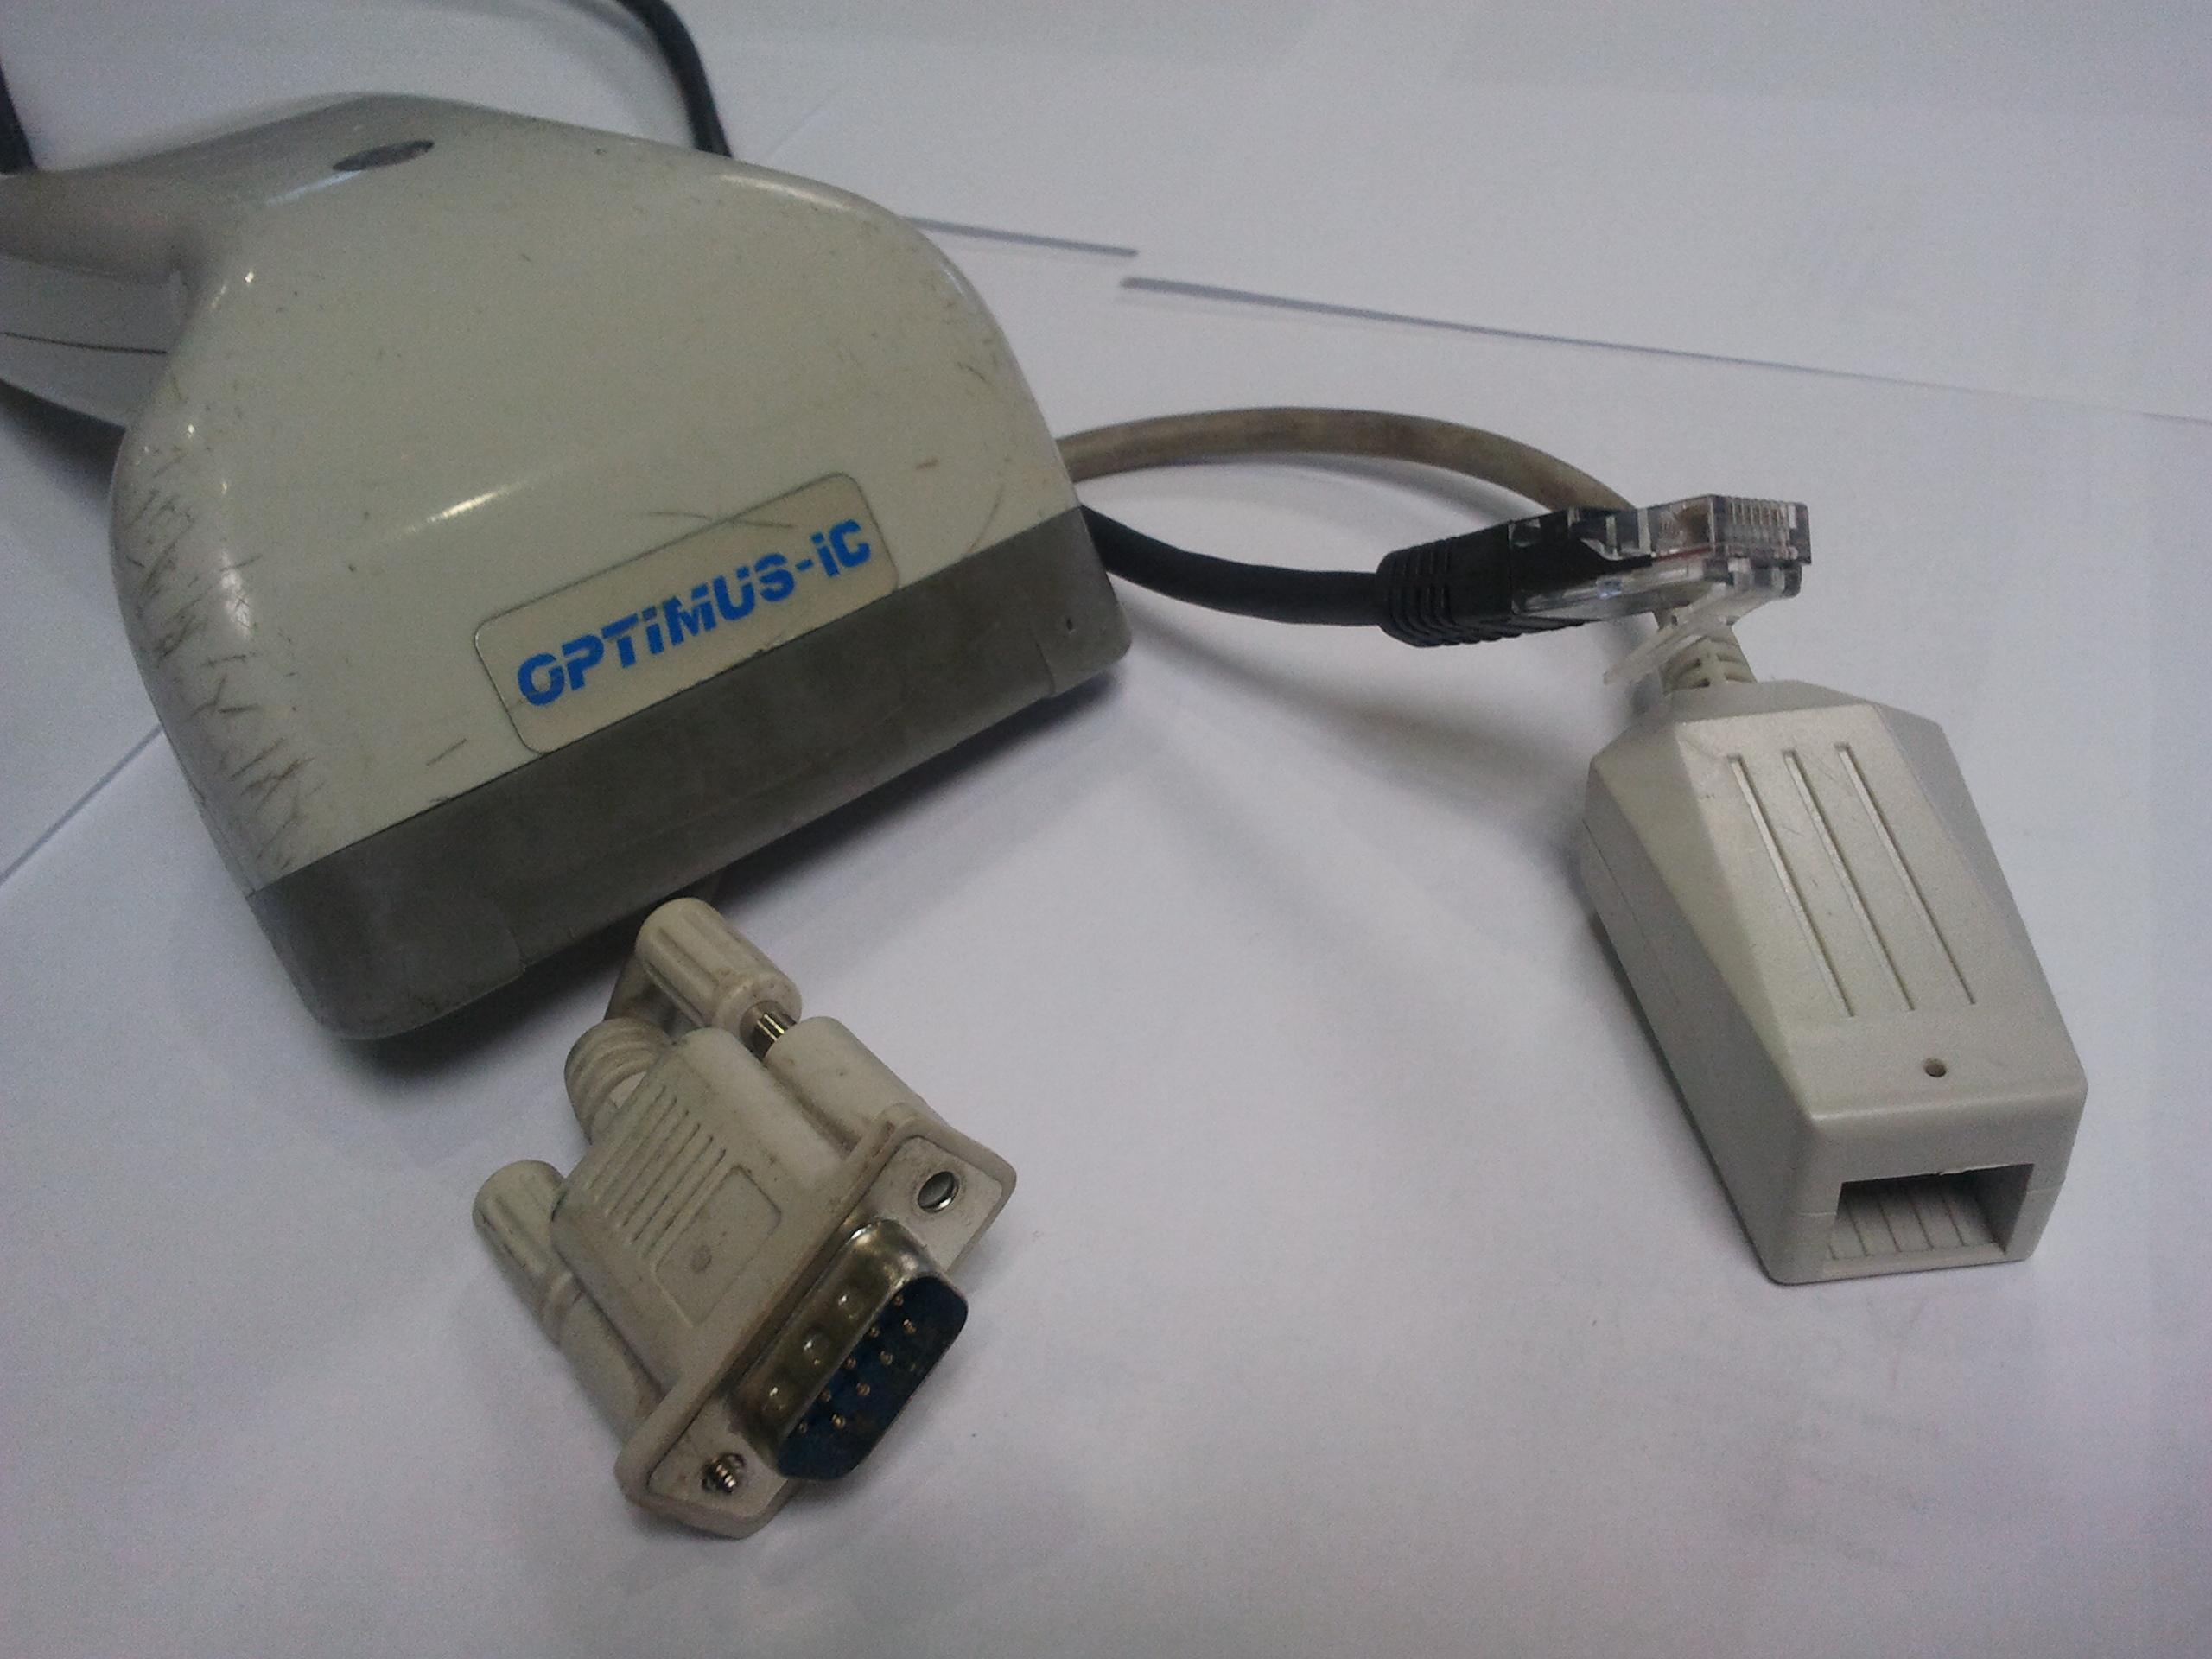 Czytnik kod�w kreskowych - Optimus-IC Flash II. Pro�ba o instrukcj� lub...